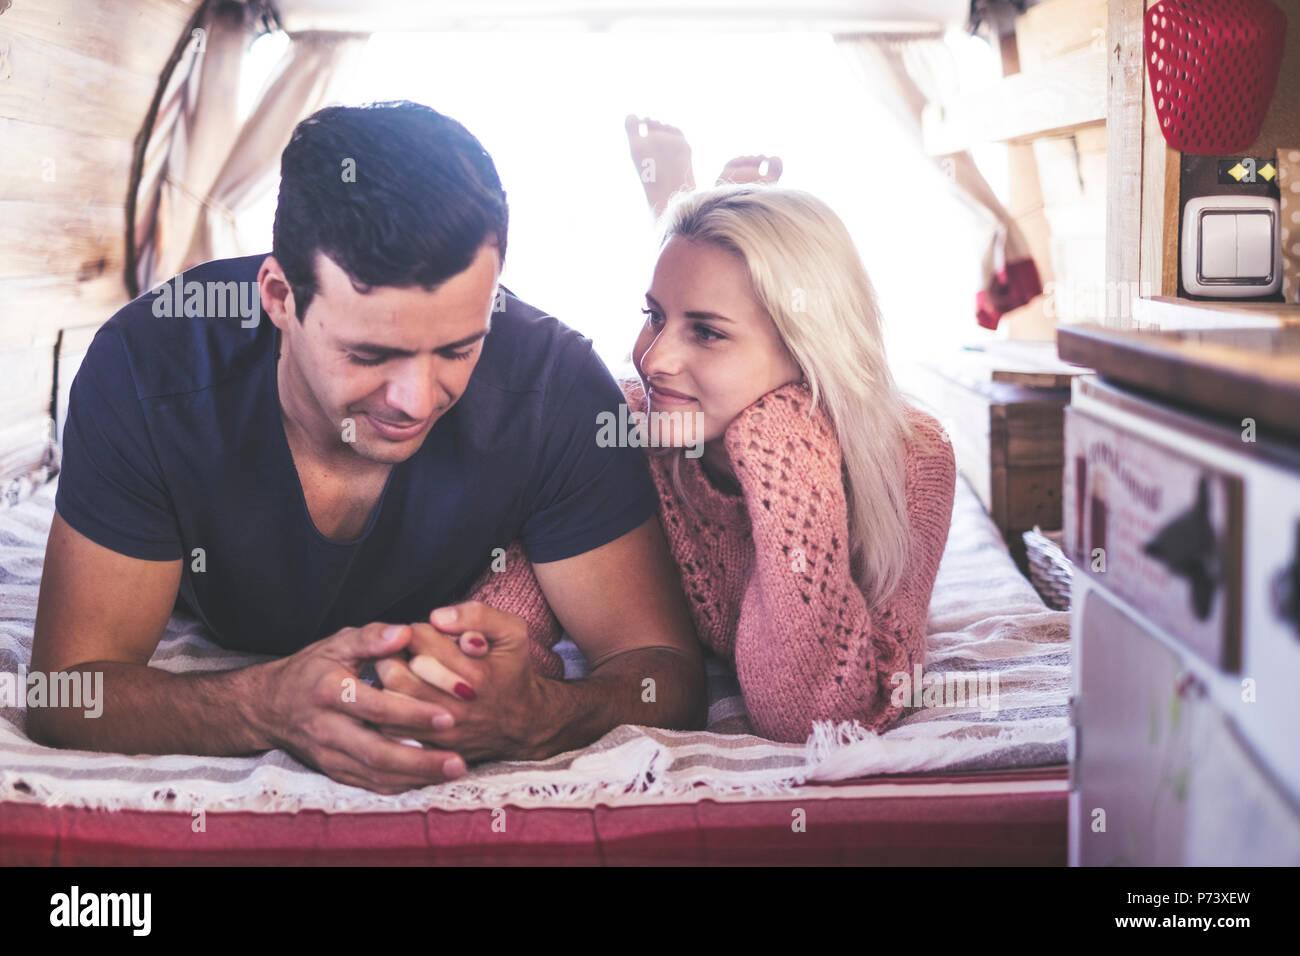 En el amor y la pareja caucásica romántica escena dentro de una vieja vintage camper preparado para viajar y tener unas vacaciones junto con felicidad y alegría. blonde b Imagen De Stock